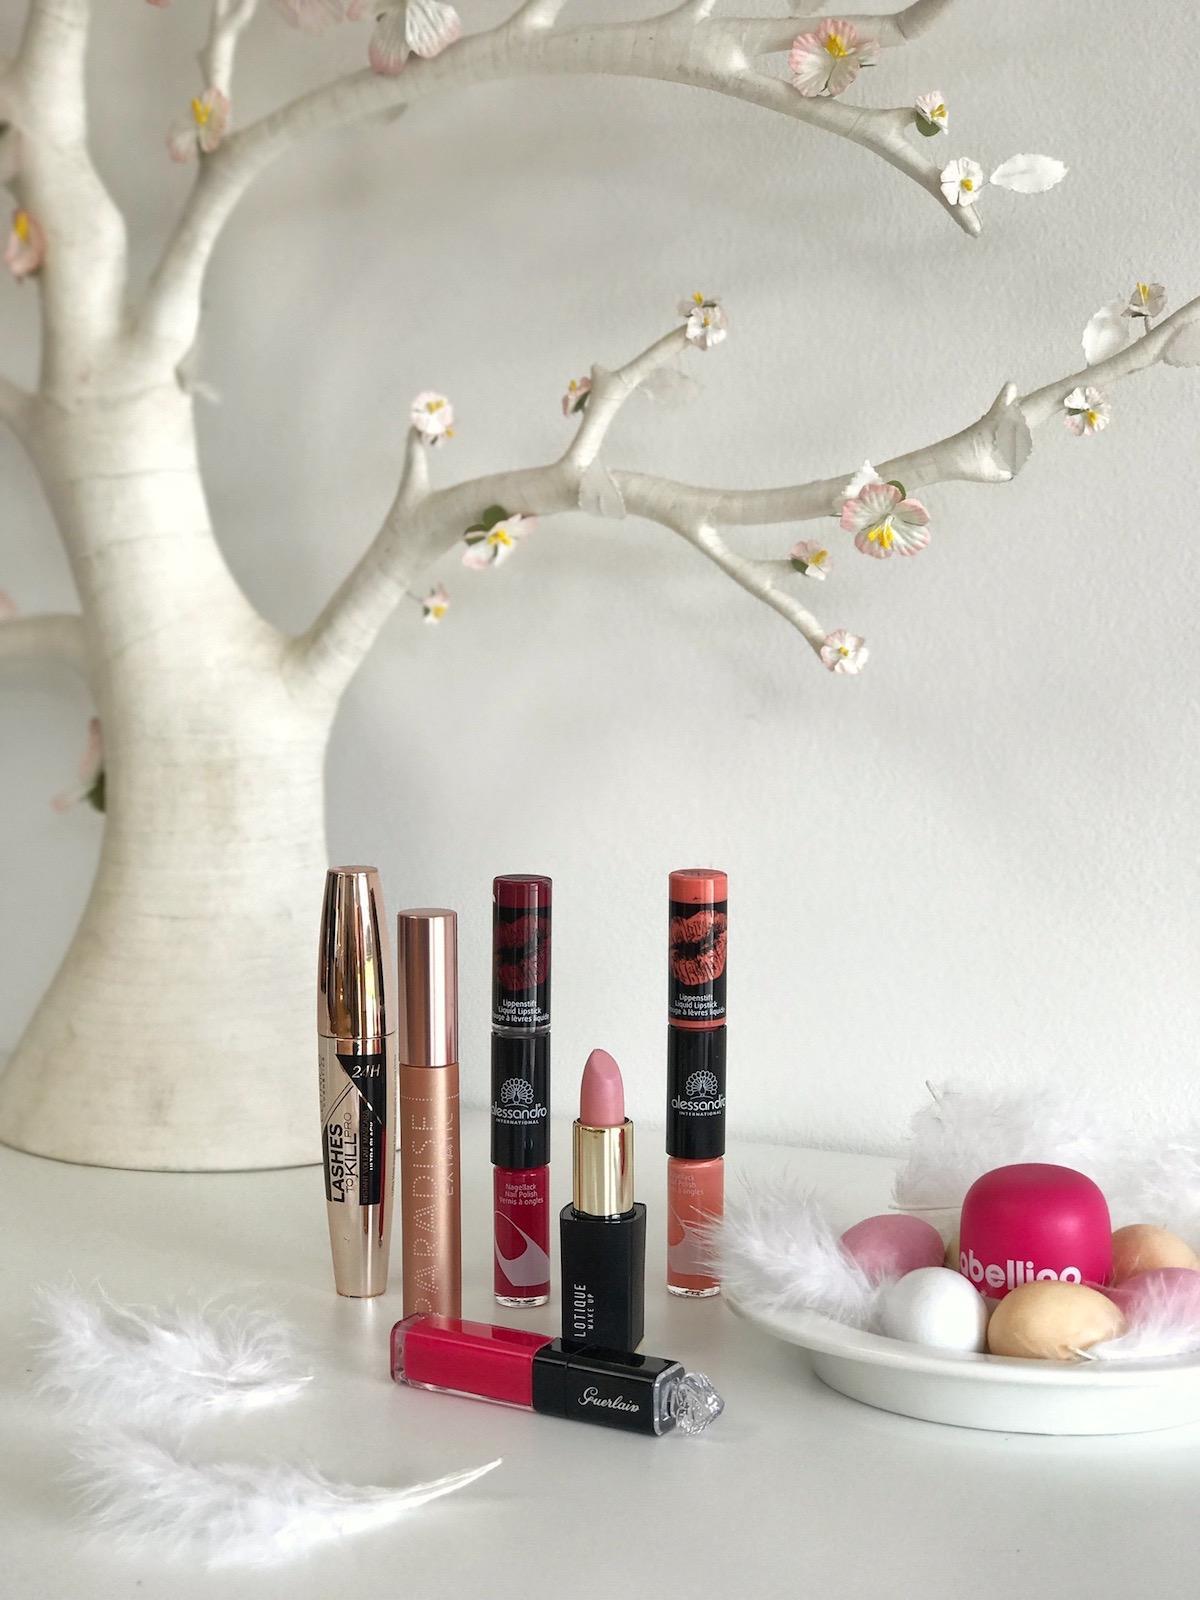 lotique šminka loreal paradise maskara alessandro šminka in lak v enem lepotna kura beautyfullblog